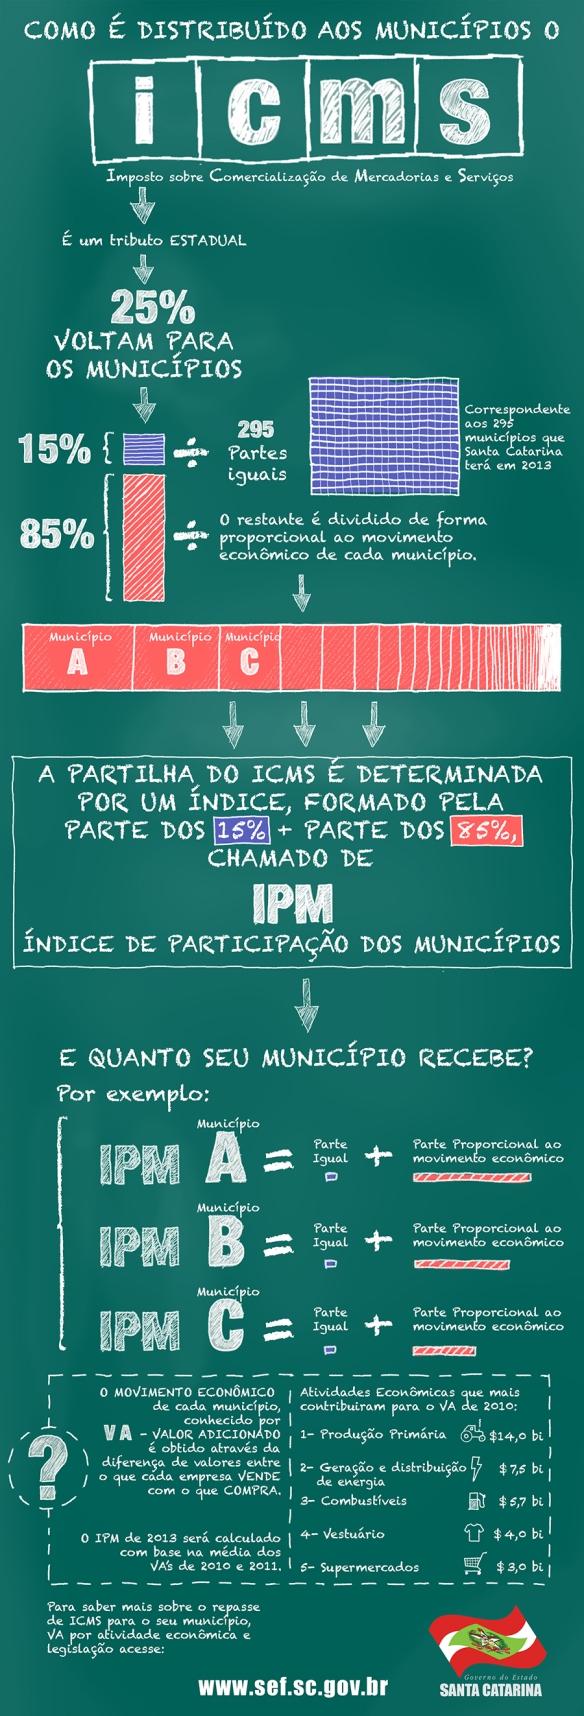 infografico ICMS - Secretaria da Fazenda publica índice definitivo de repasse do ICMS para prefeituras em 2013